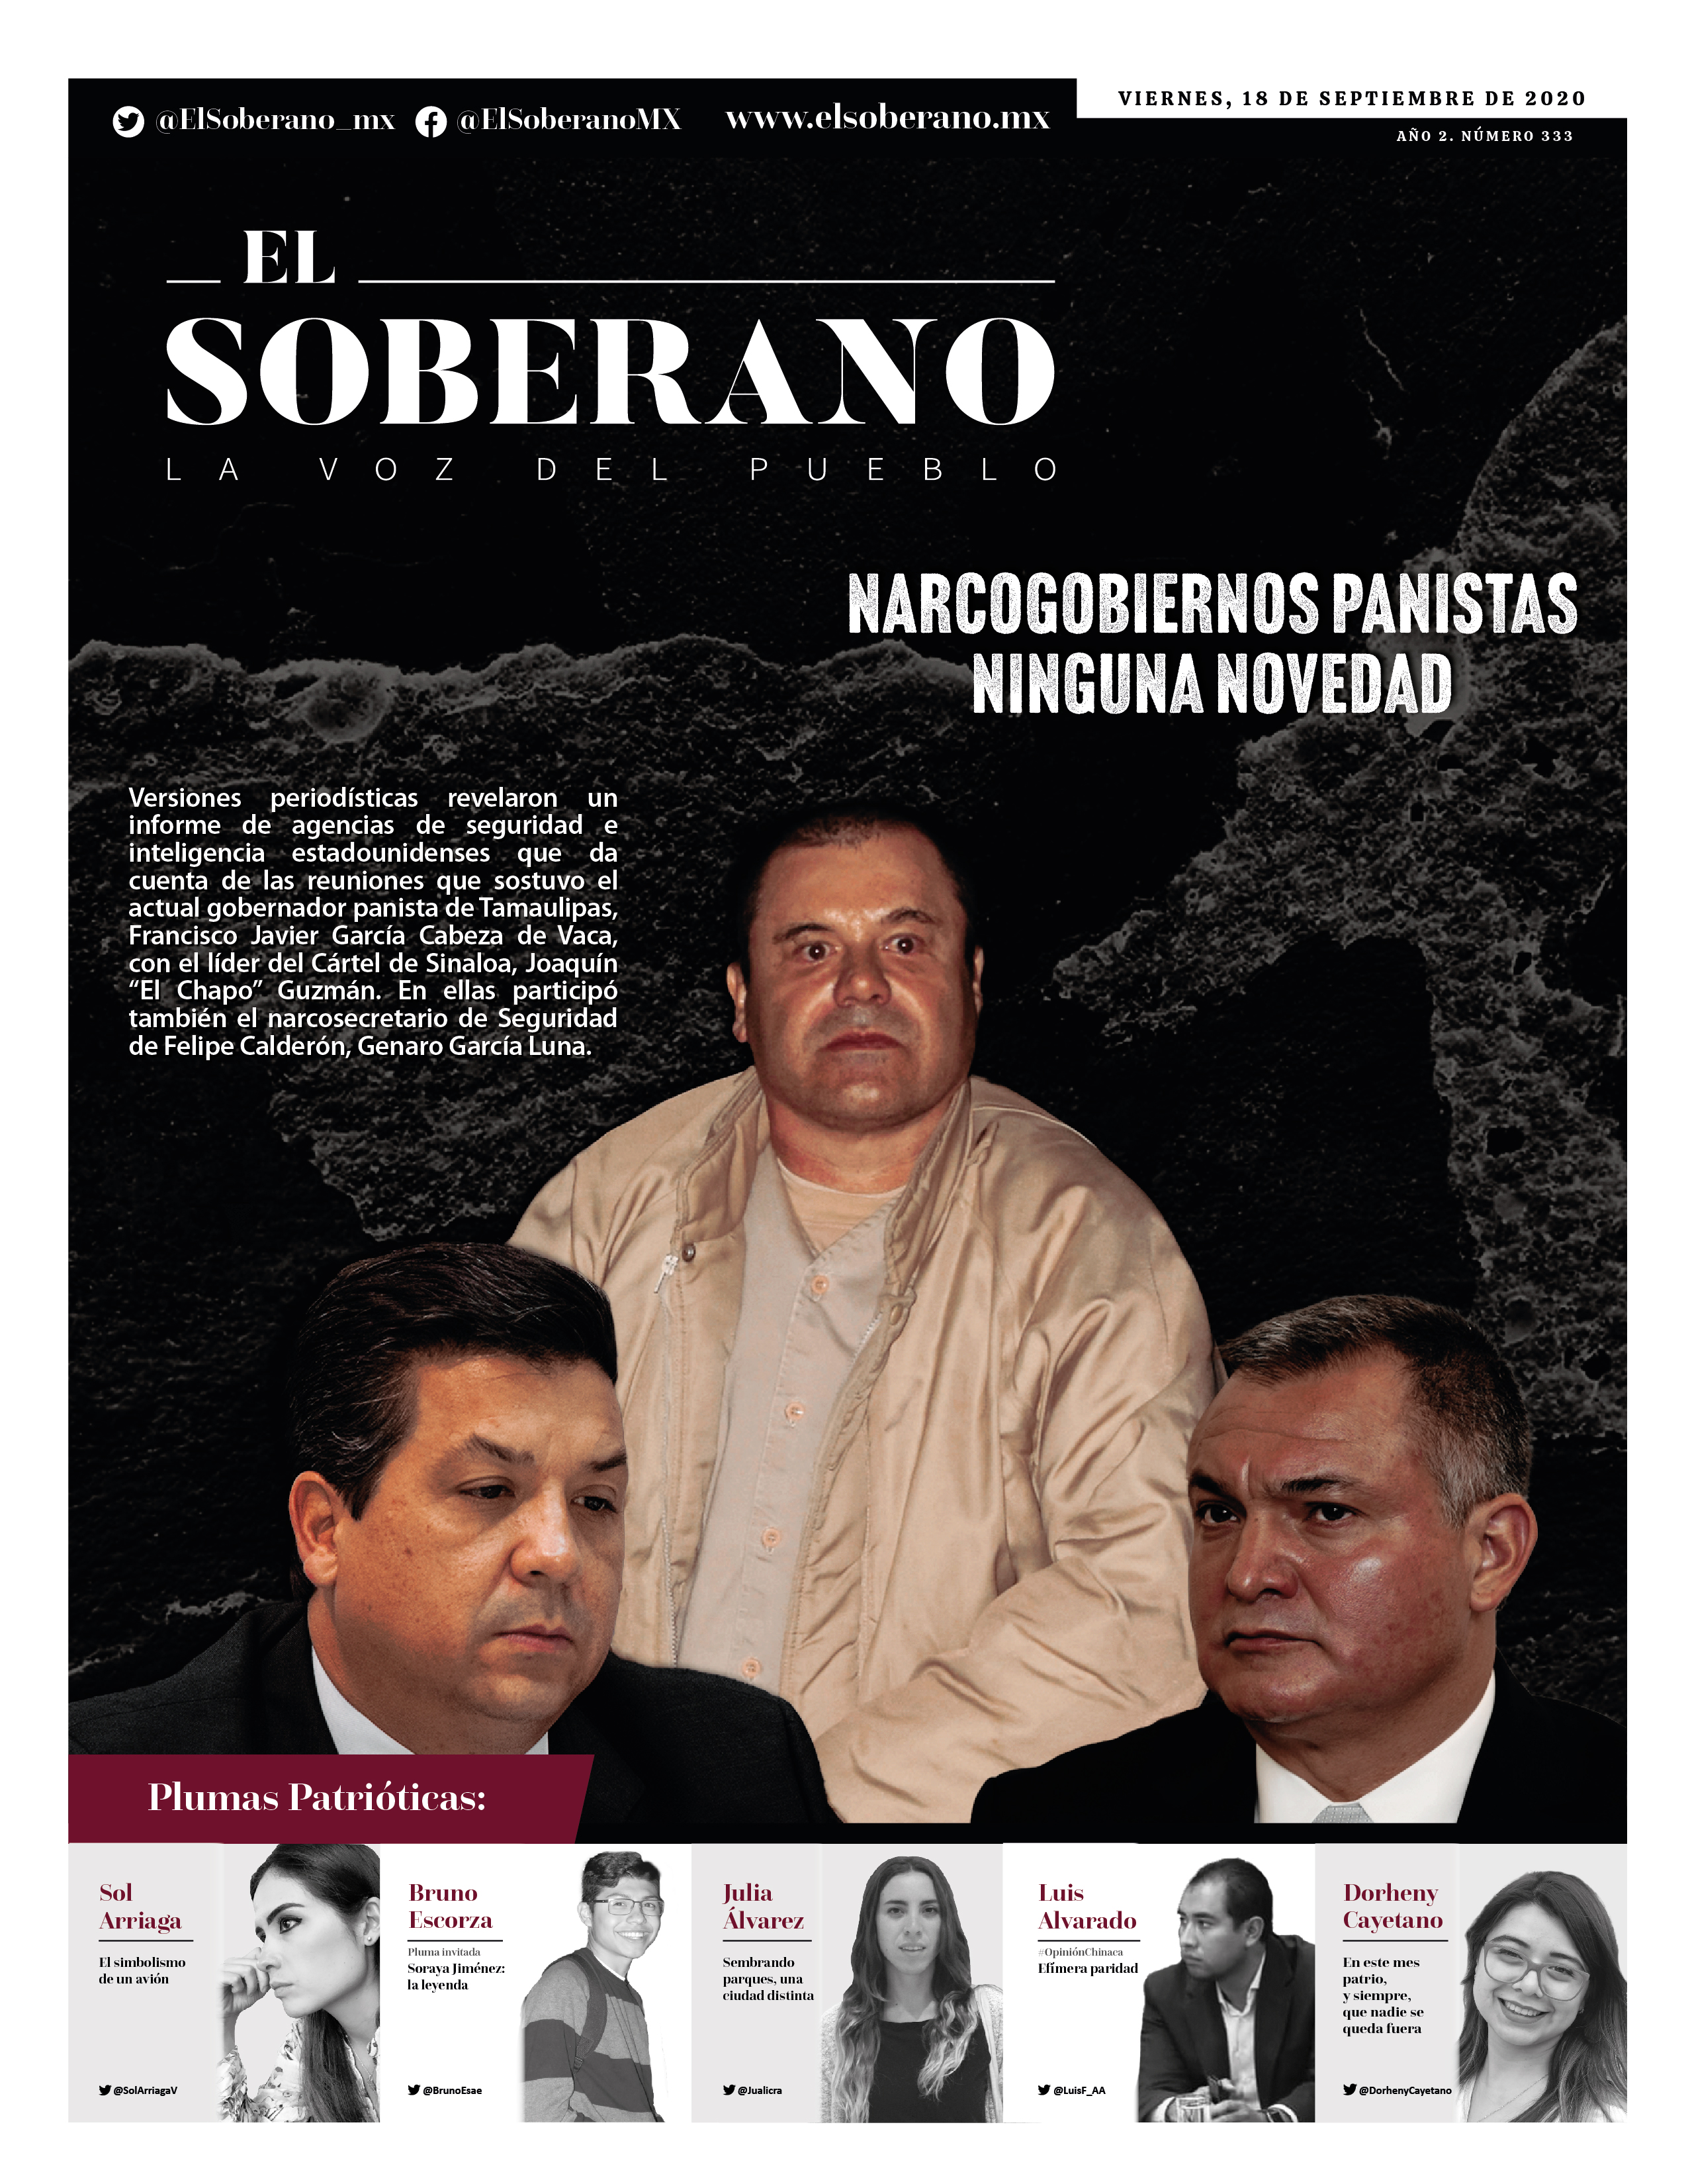 Narcogobiernos panistas: Ninguna novedad